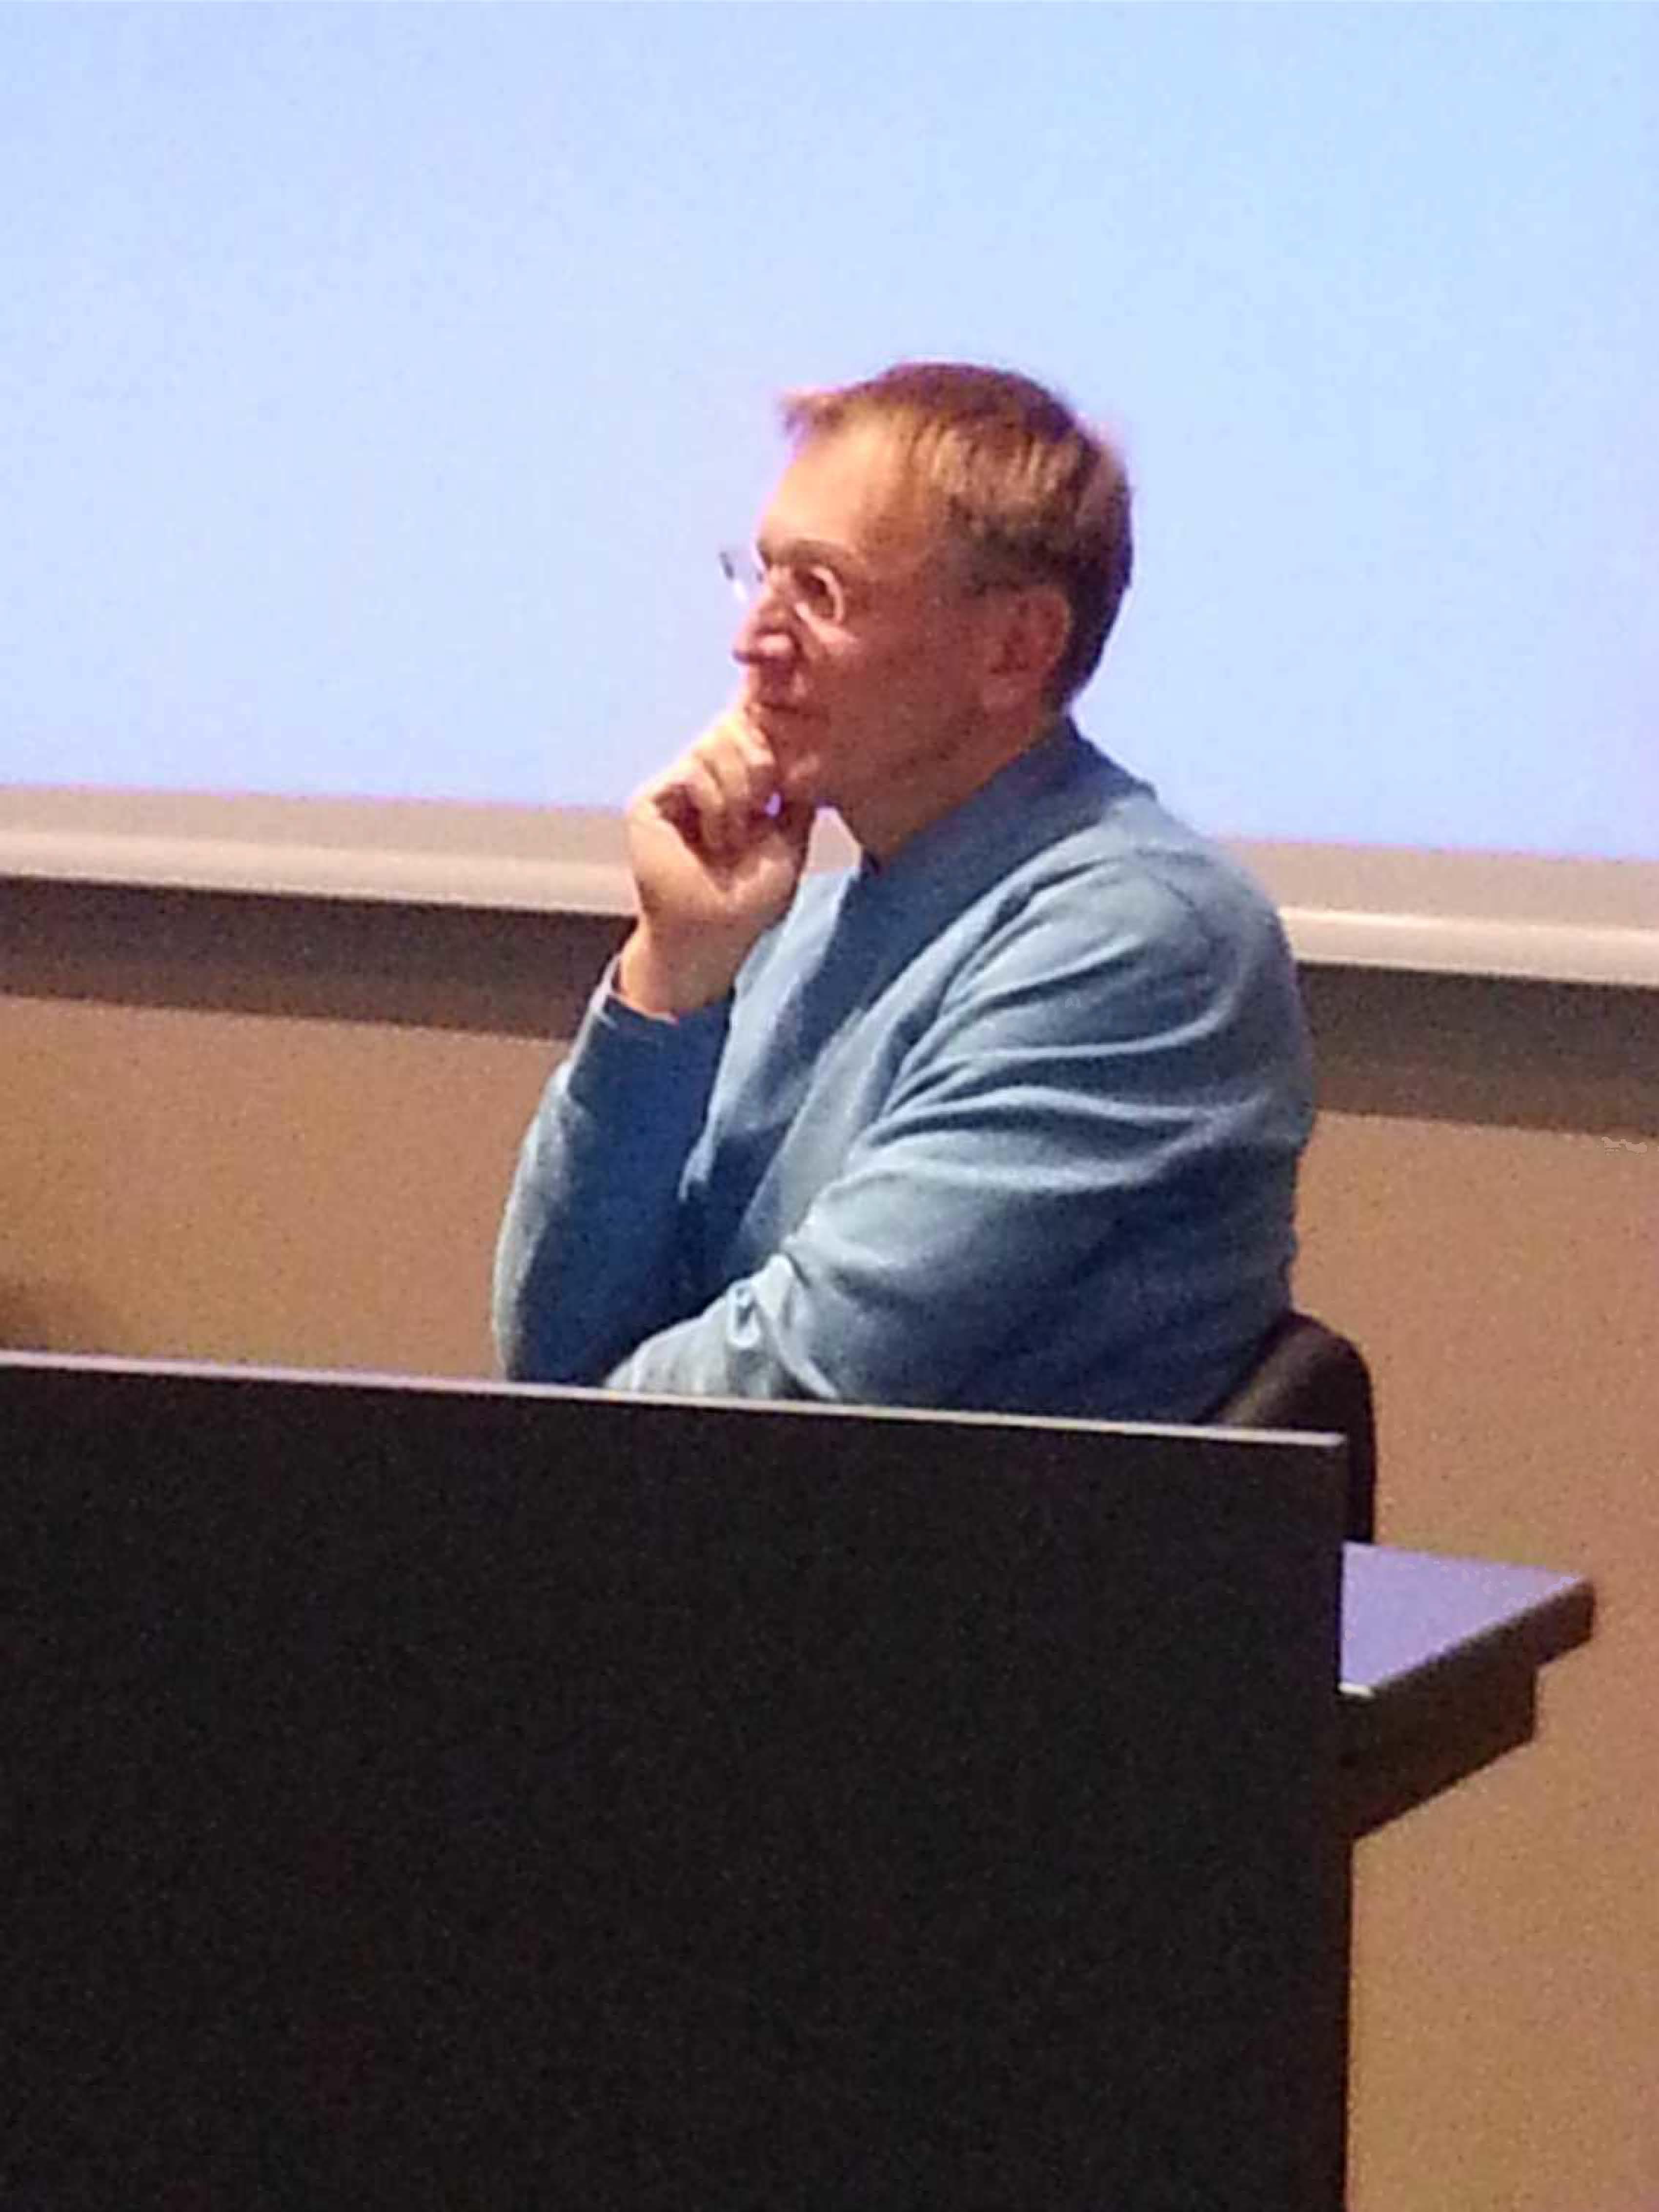 caption: Janez Potocnik durante la ronda di domande e risposte